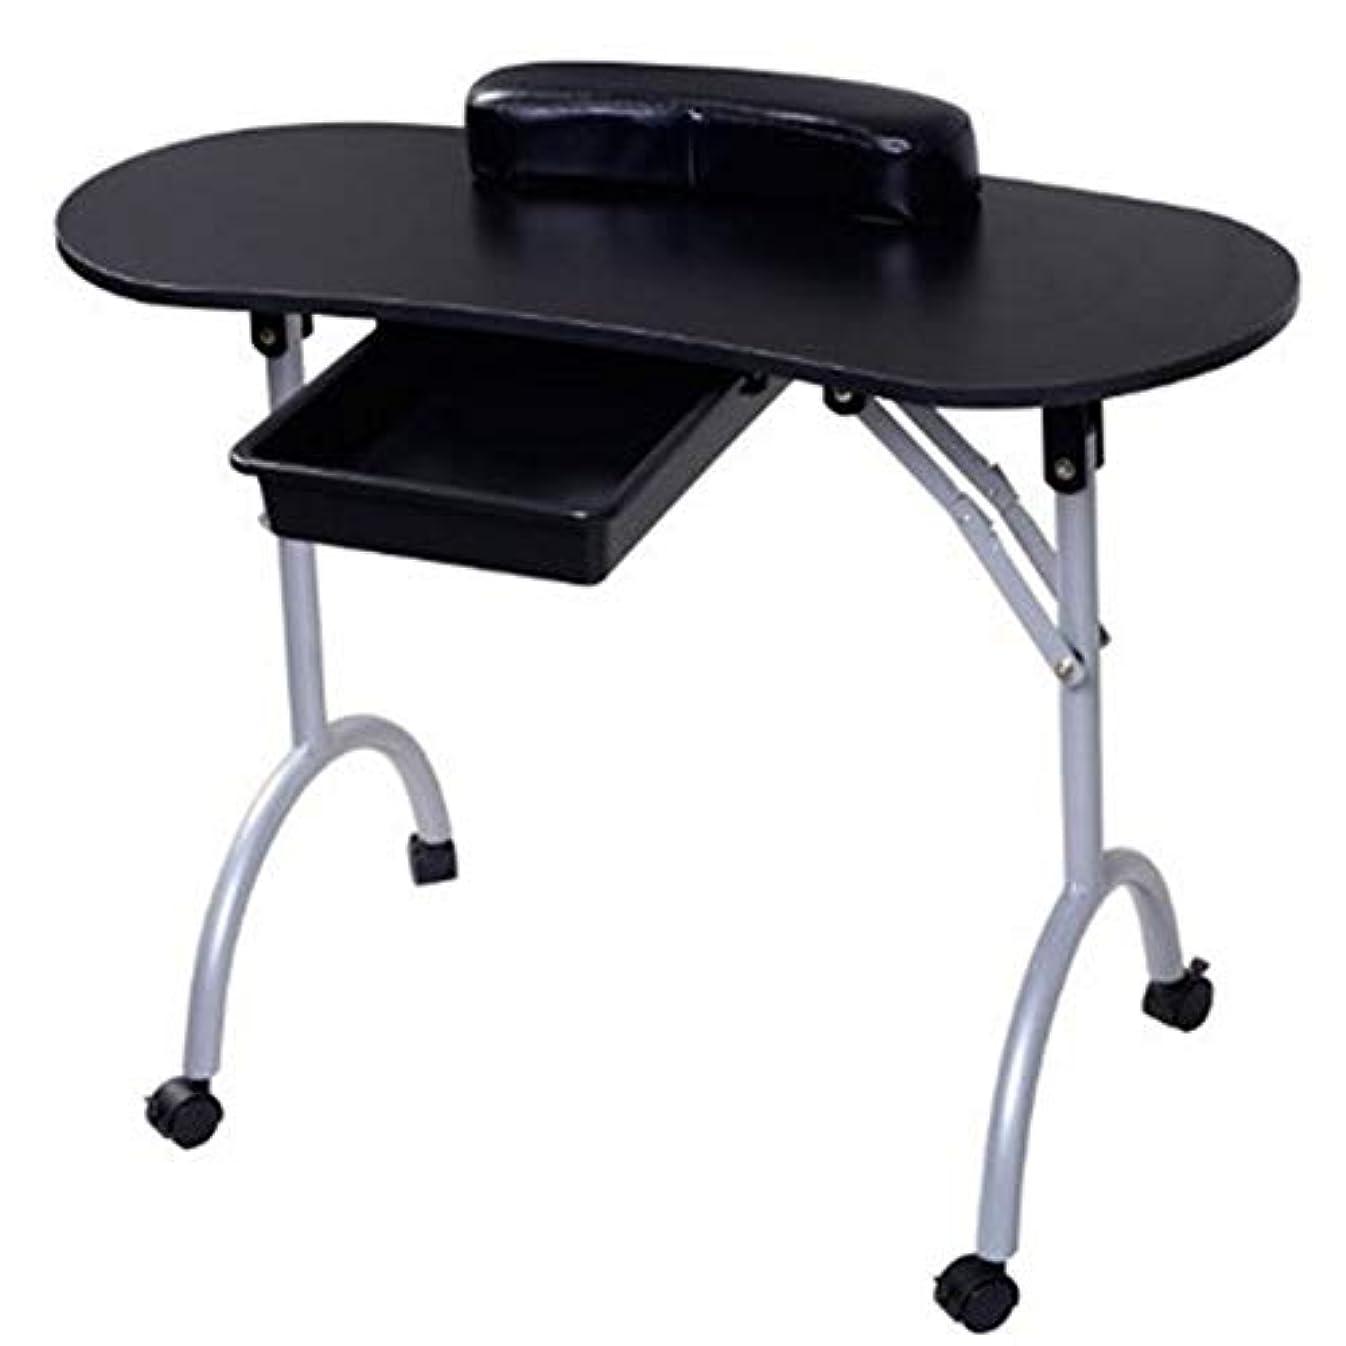 書店層求人折りたたみネイルテーブルホームポータブルモバイルプーリー車スタジオビューティーサロンマニキュアテーブル引き出しとリストレストとキャリングバッグ,Black